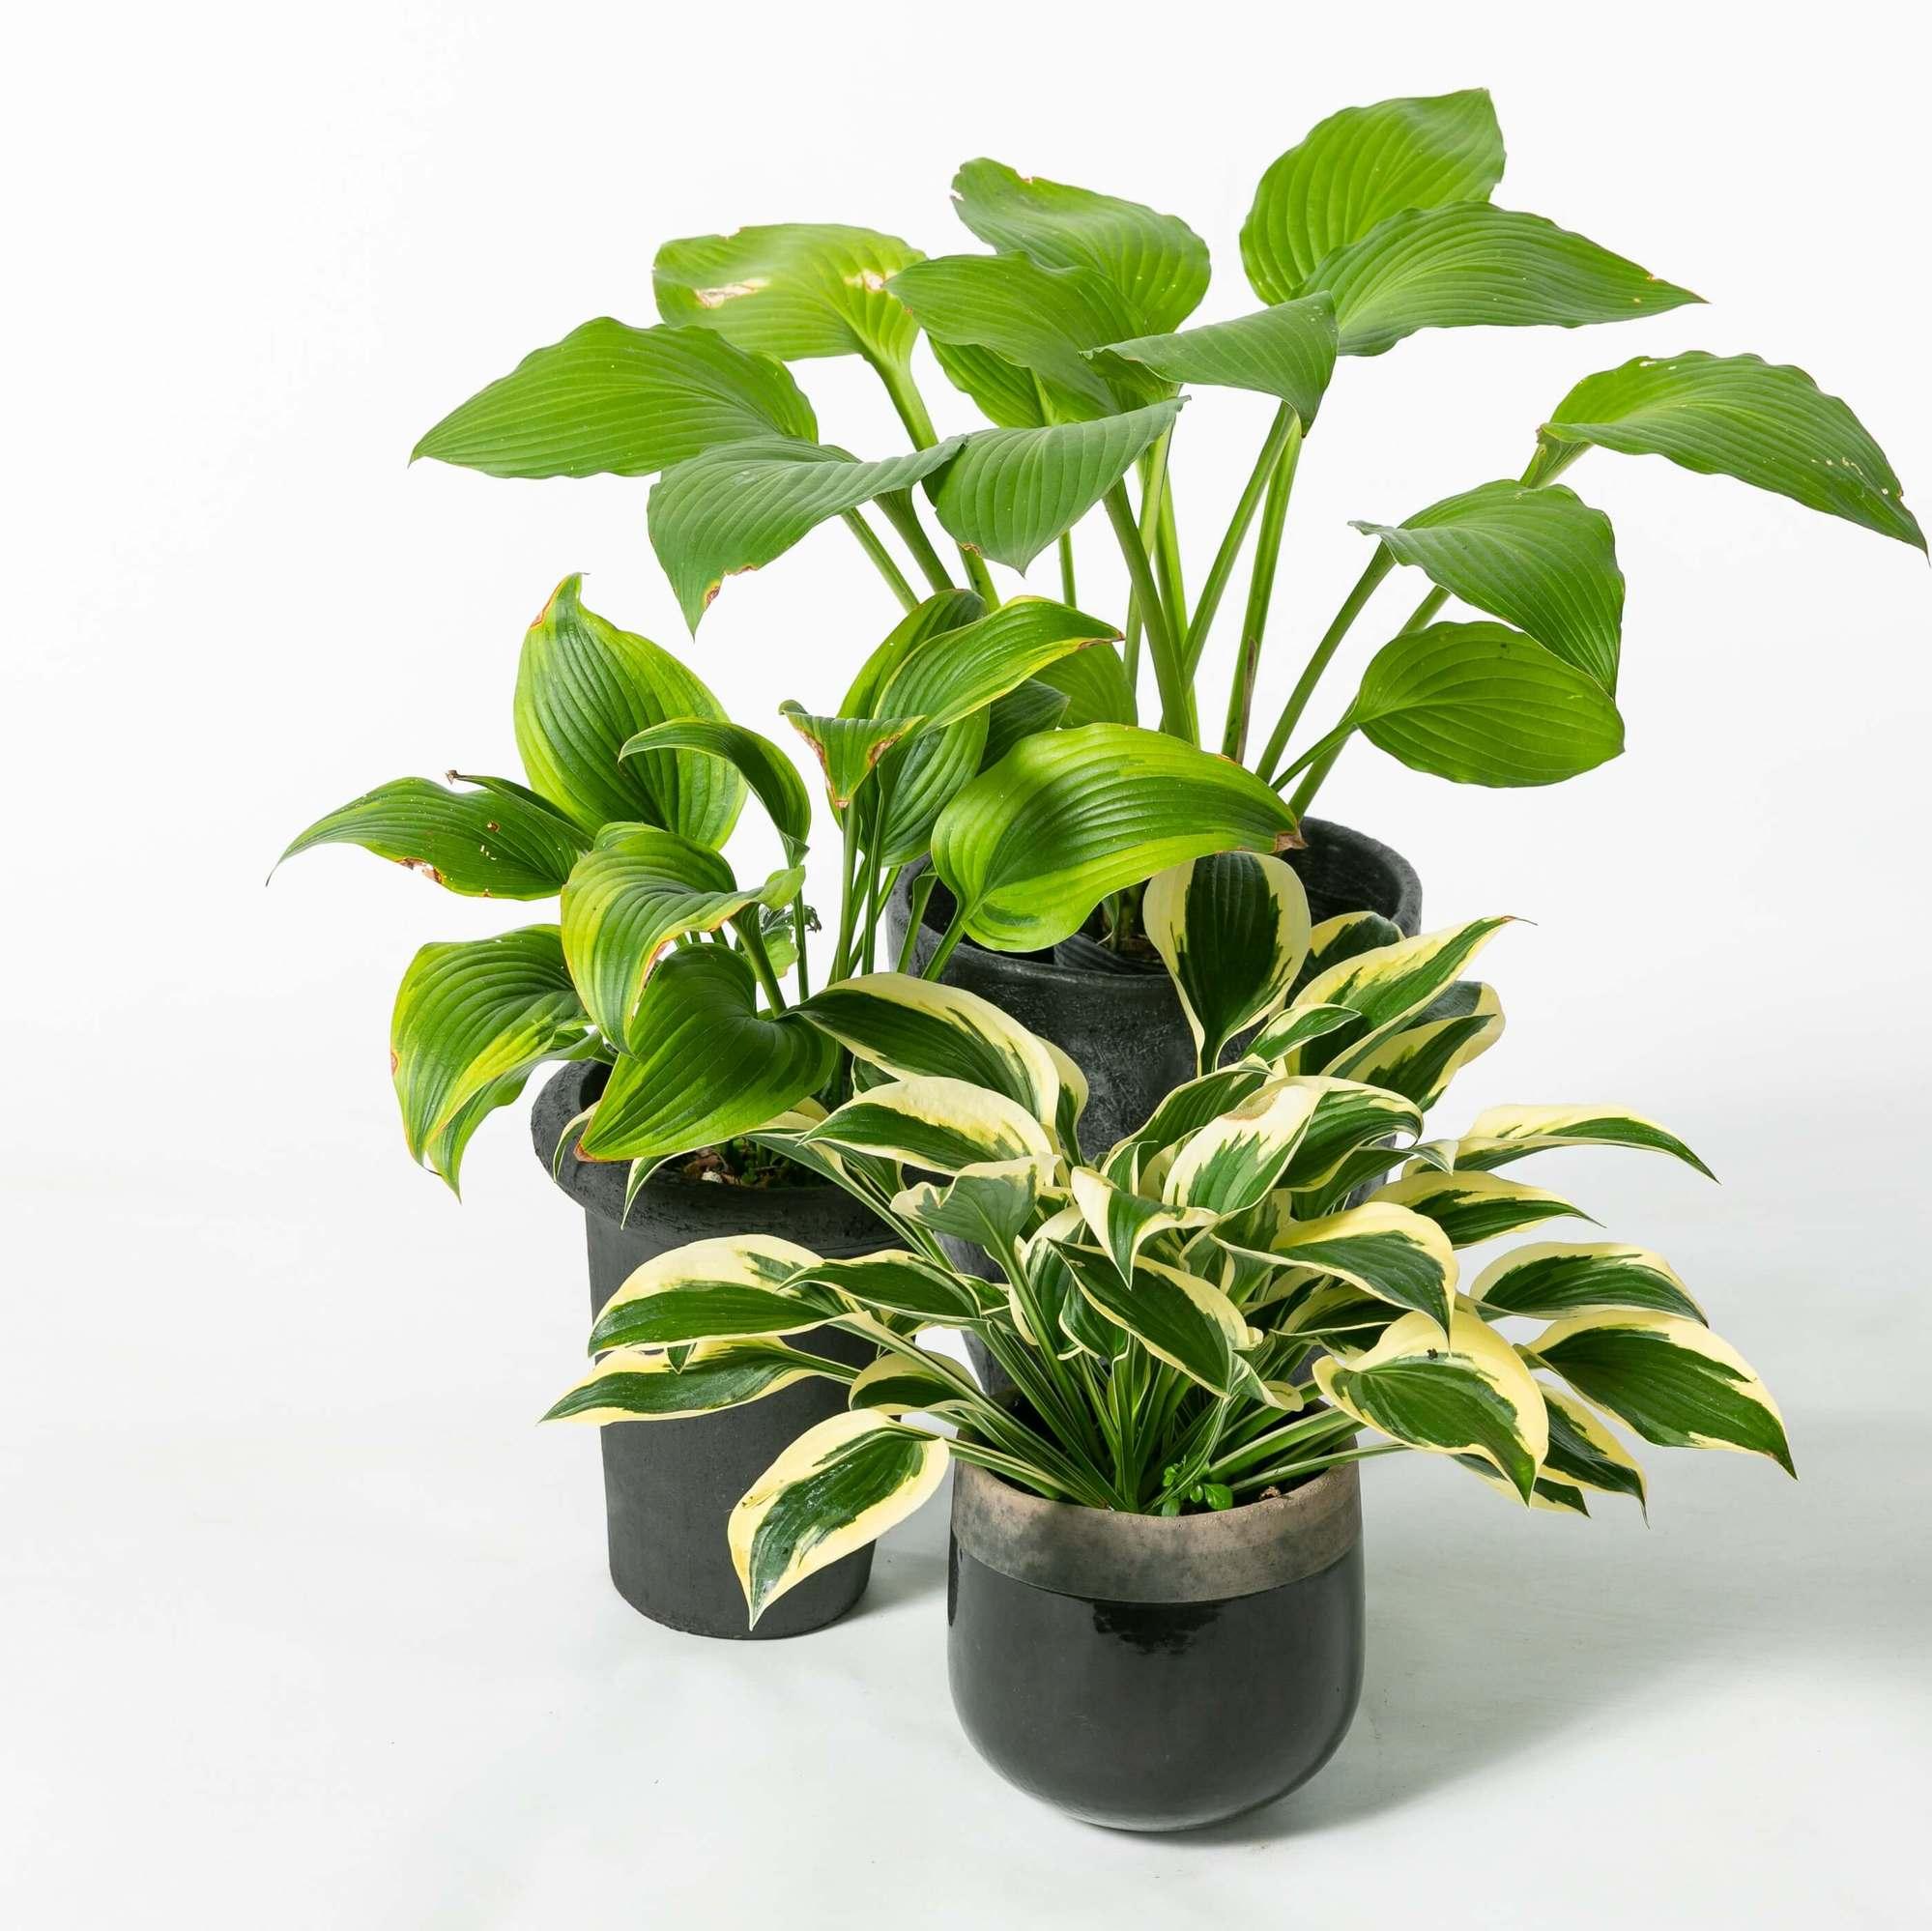 ギボウシ 植栽 お庭 ガーデン